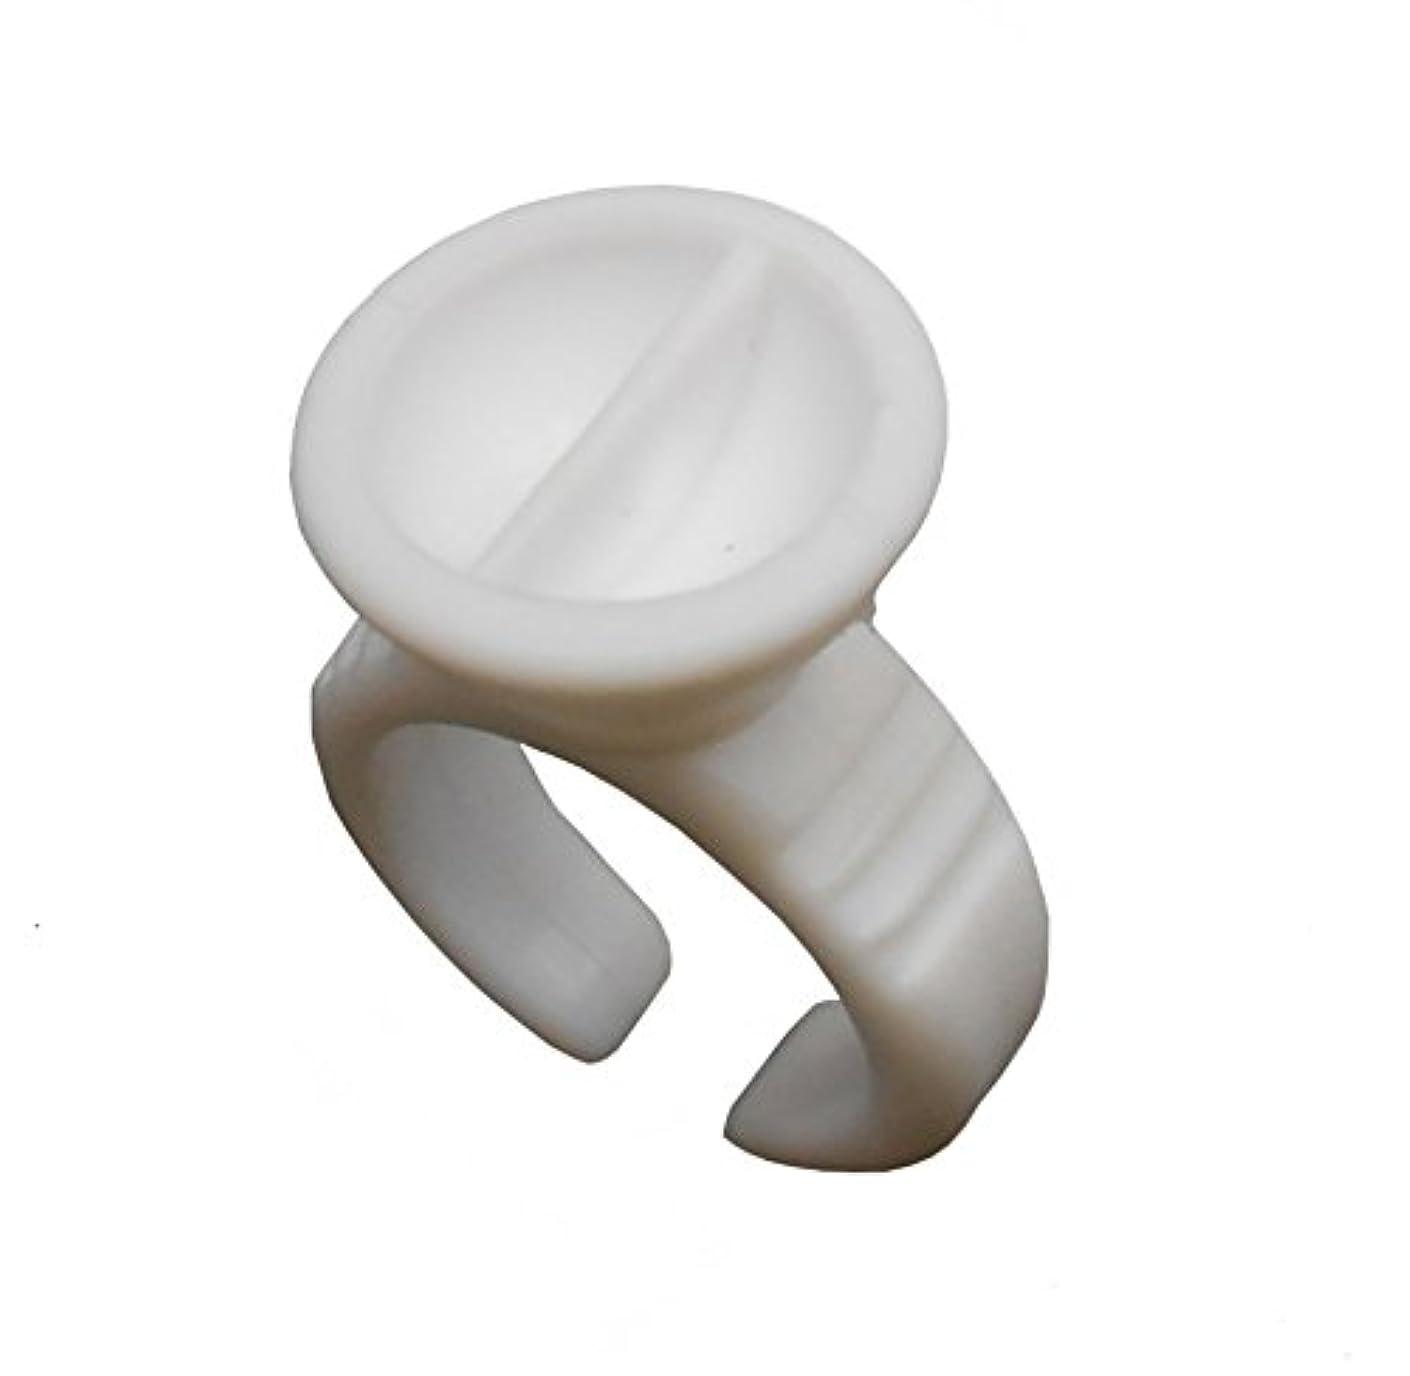 分オーケストラ変更可能まつげエクステ リング まつ毛エクステ 使い捨て アイラッシュ グルーリング プラスチック製 Eyelash Extension Glue Ring   100個入り gring_a_100